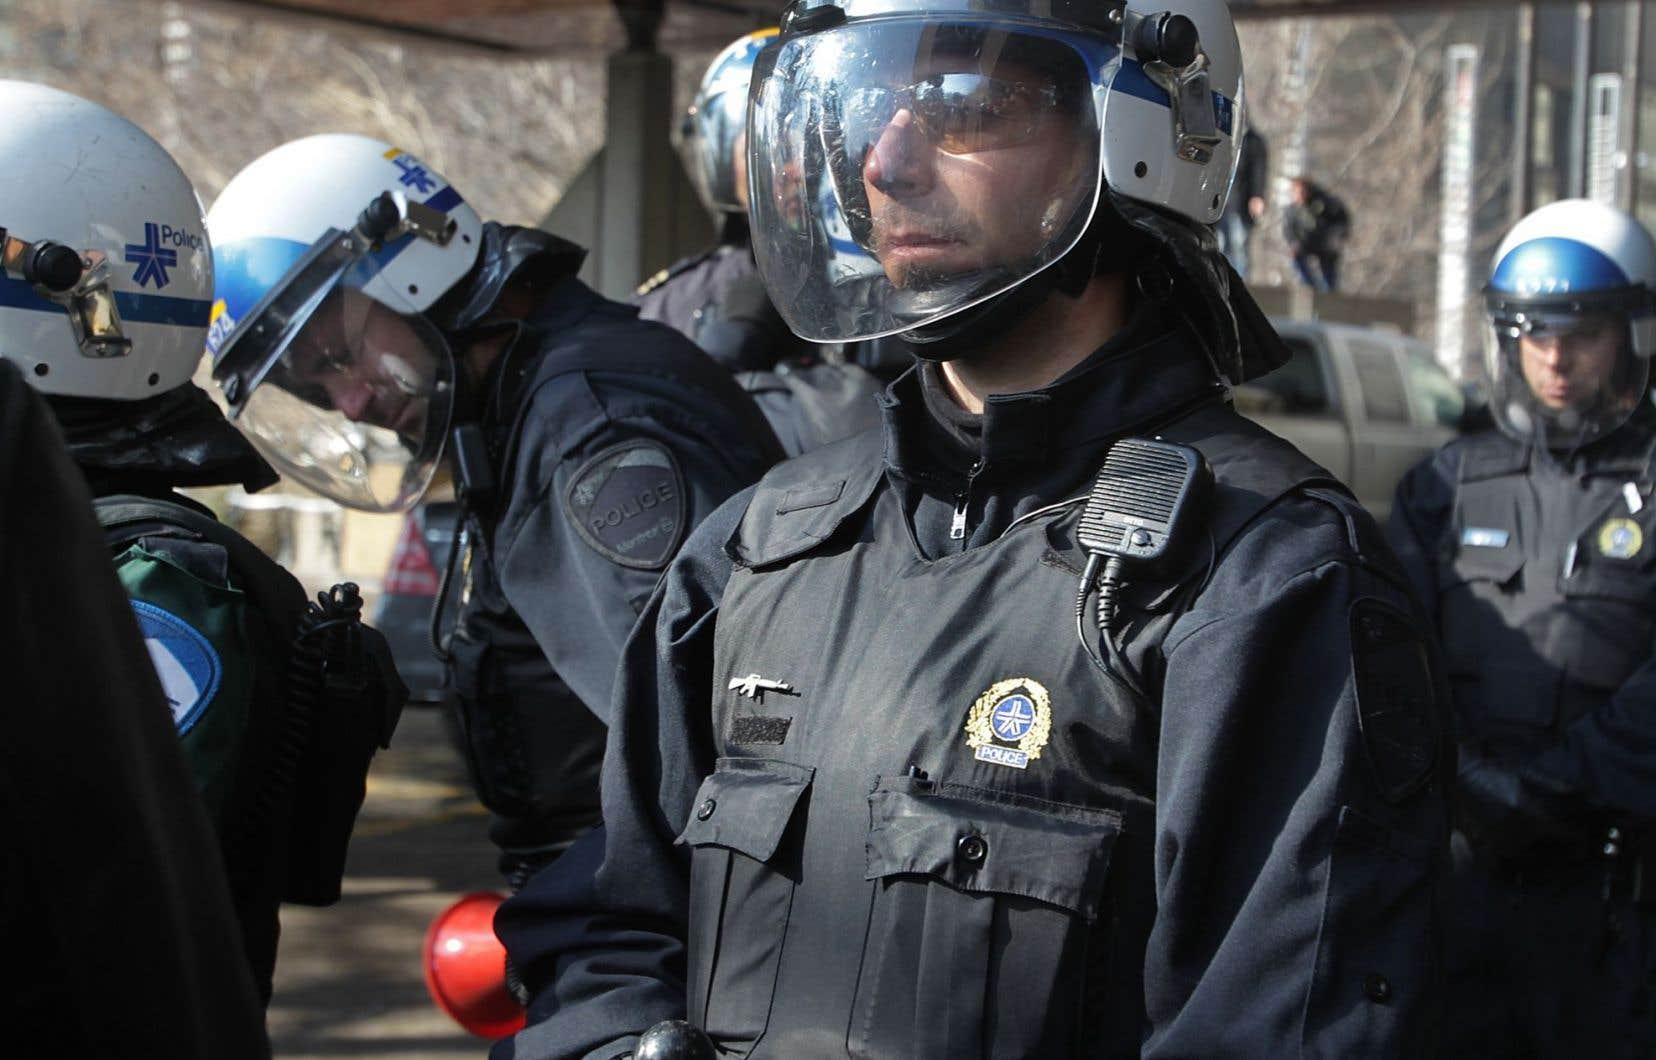 À l'heure actuelle, le commissaire à la déontologie policière rejette systématiquement les plaintes — manque de respect, abus d'autorité, etc. — visant des policiers non identifiés.